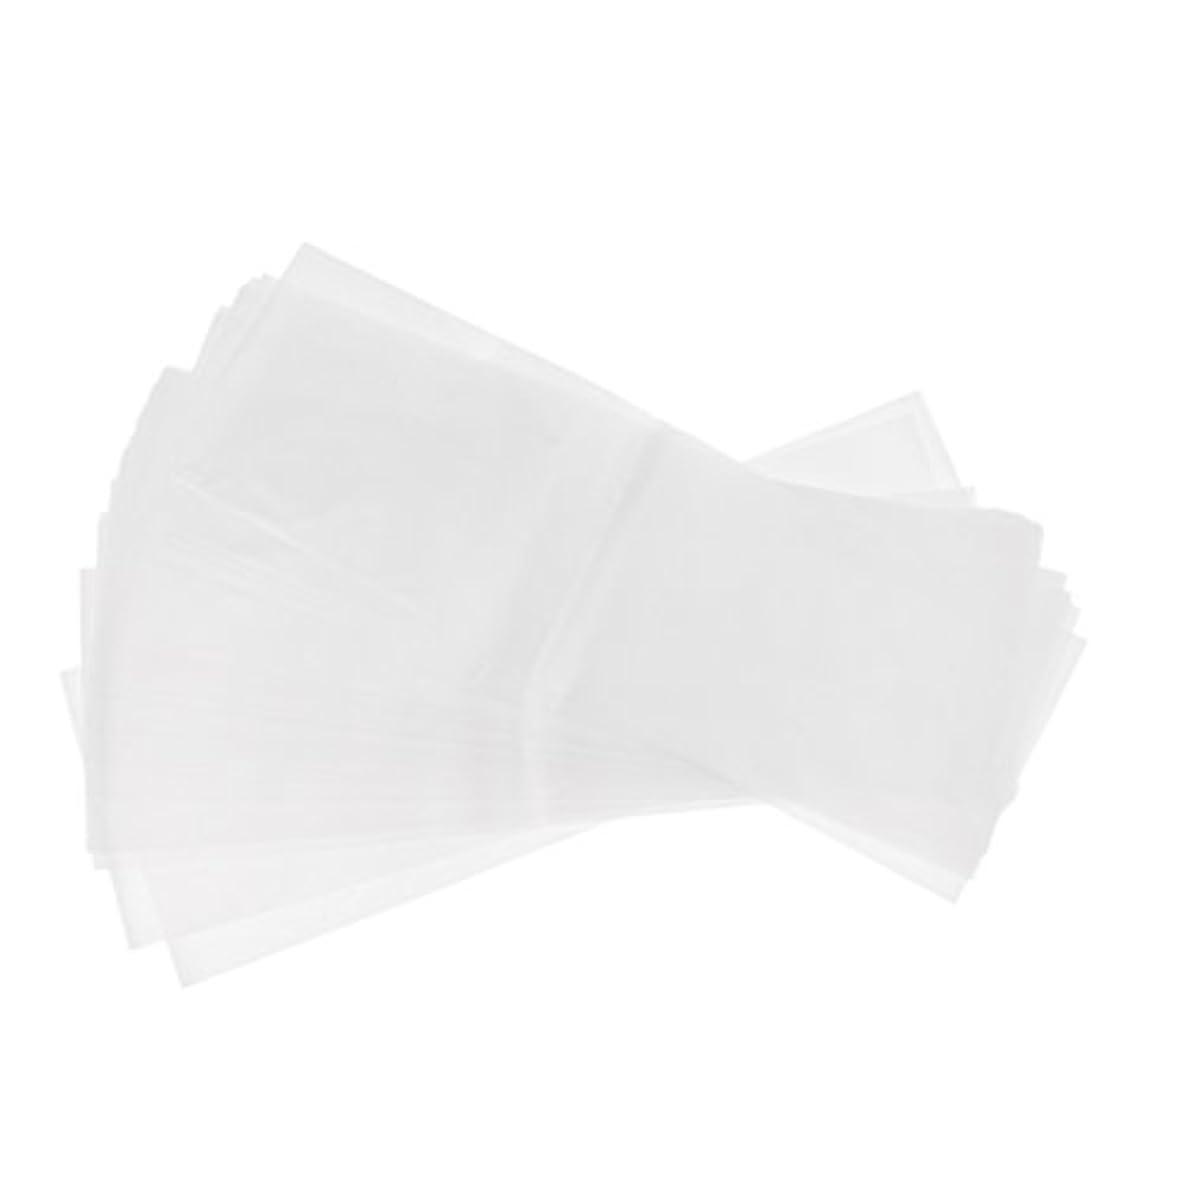 移行チャートクリア約50枚 プラスチック製 染毛紙 ハイライト サロン 毛染め紙 髪分け 便利 2タイプ選べ - ホワイト